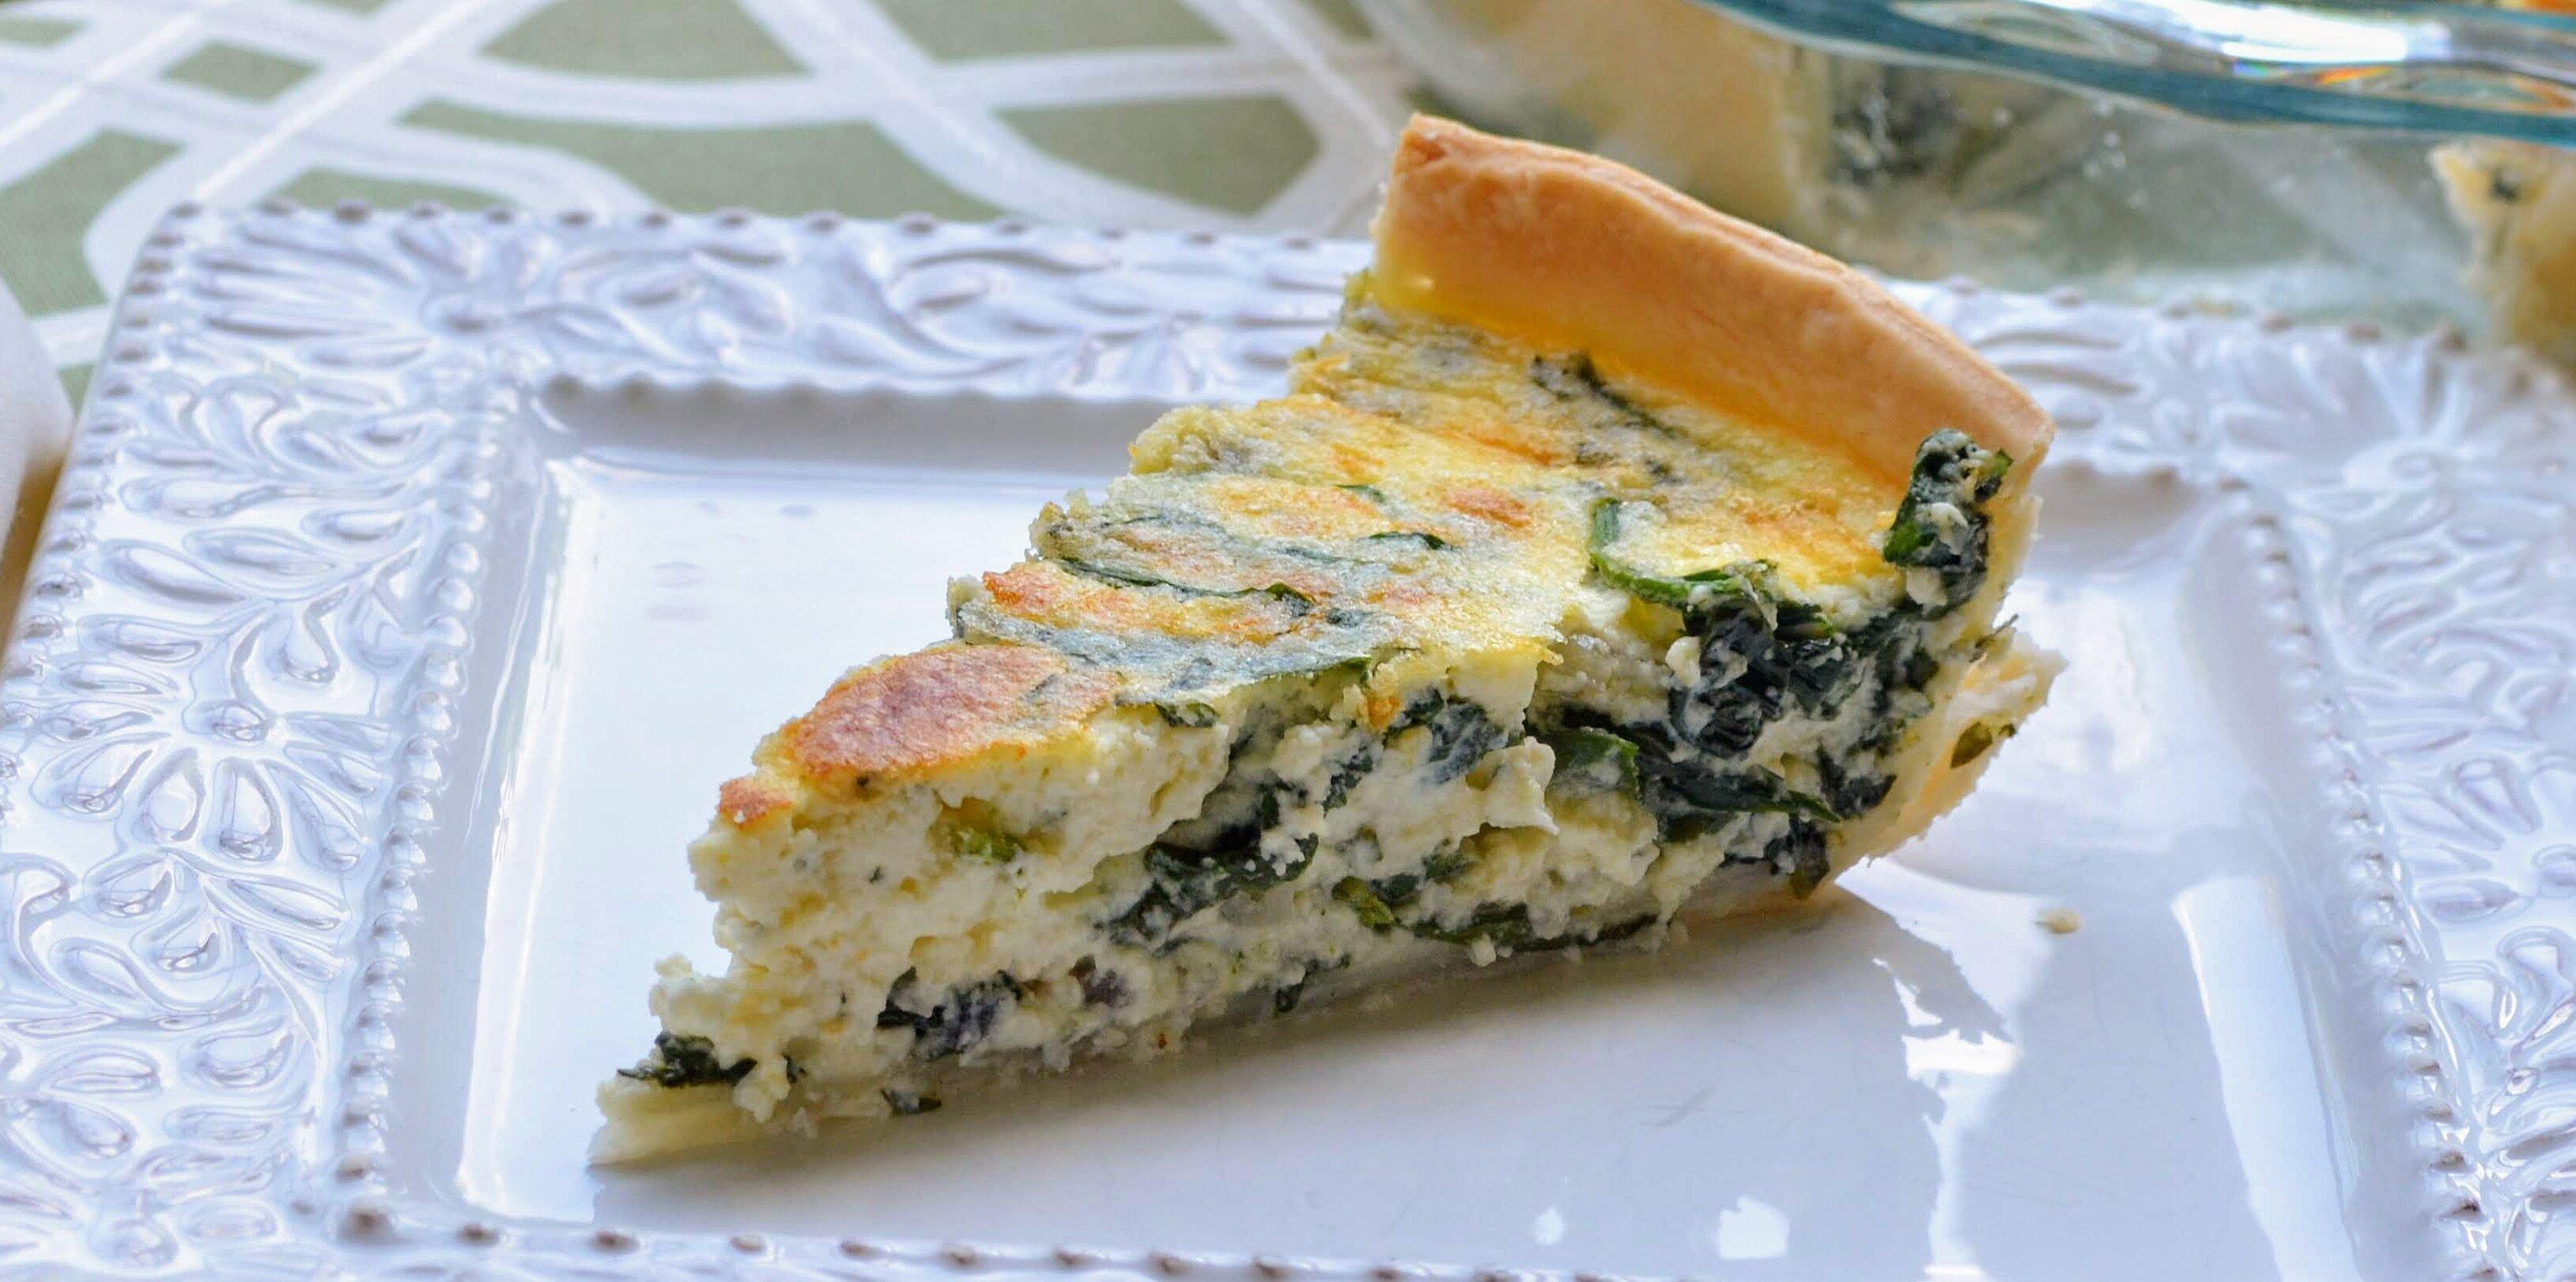 spinach ricotta quiche recipe